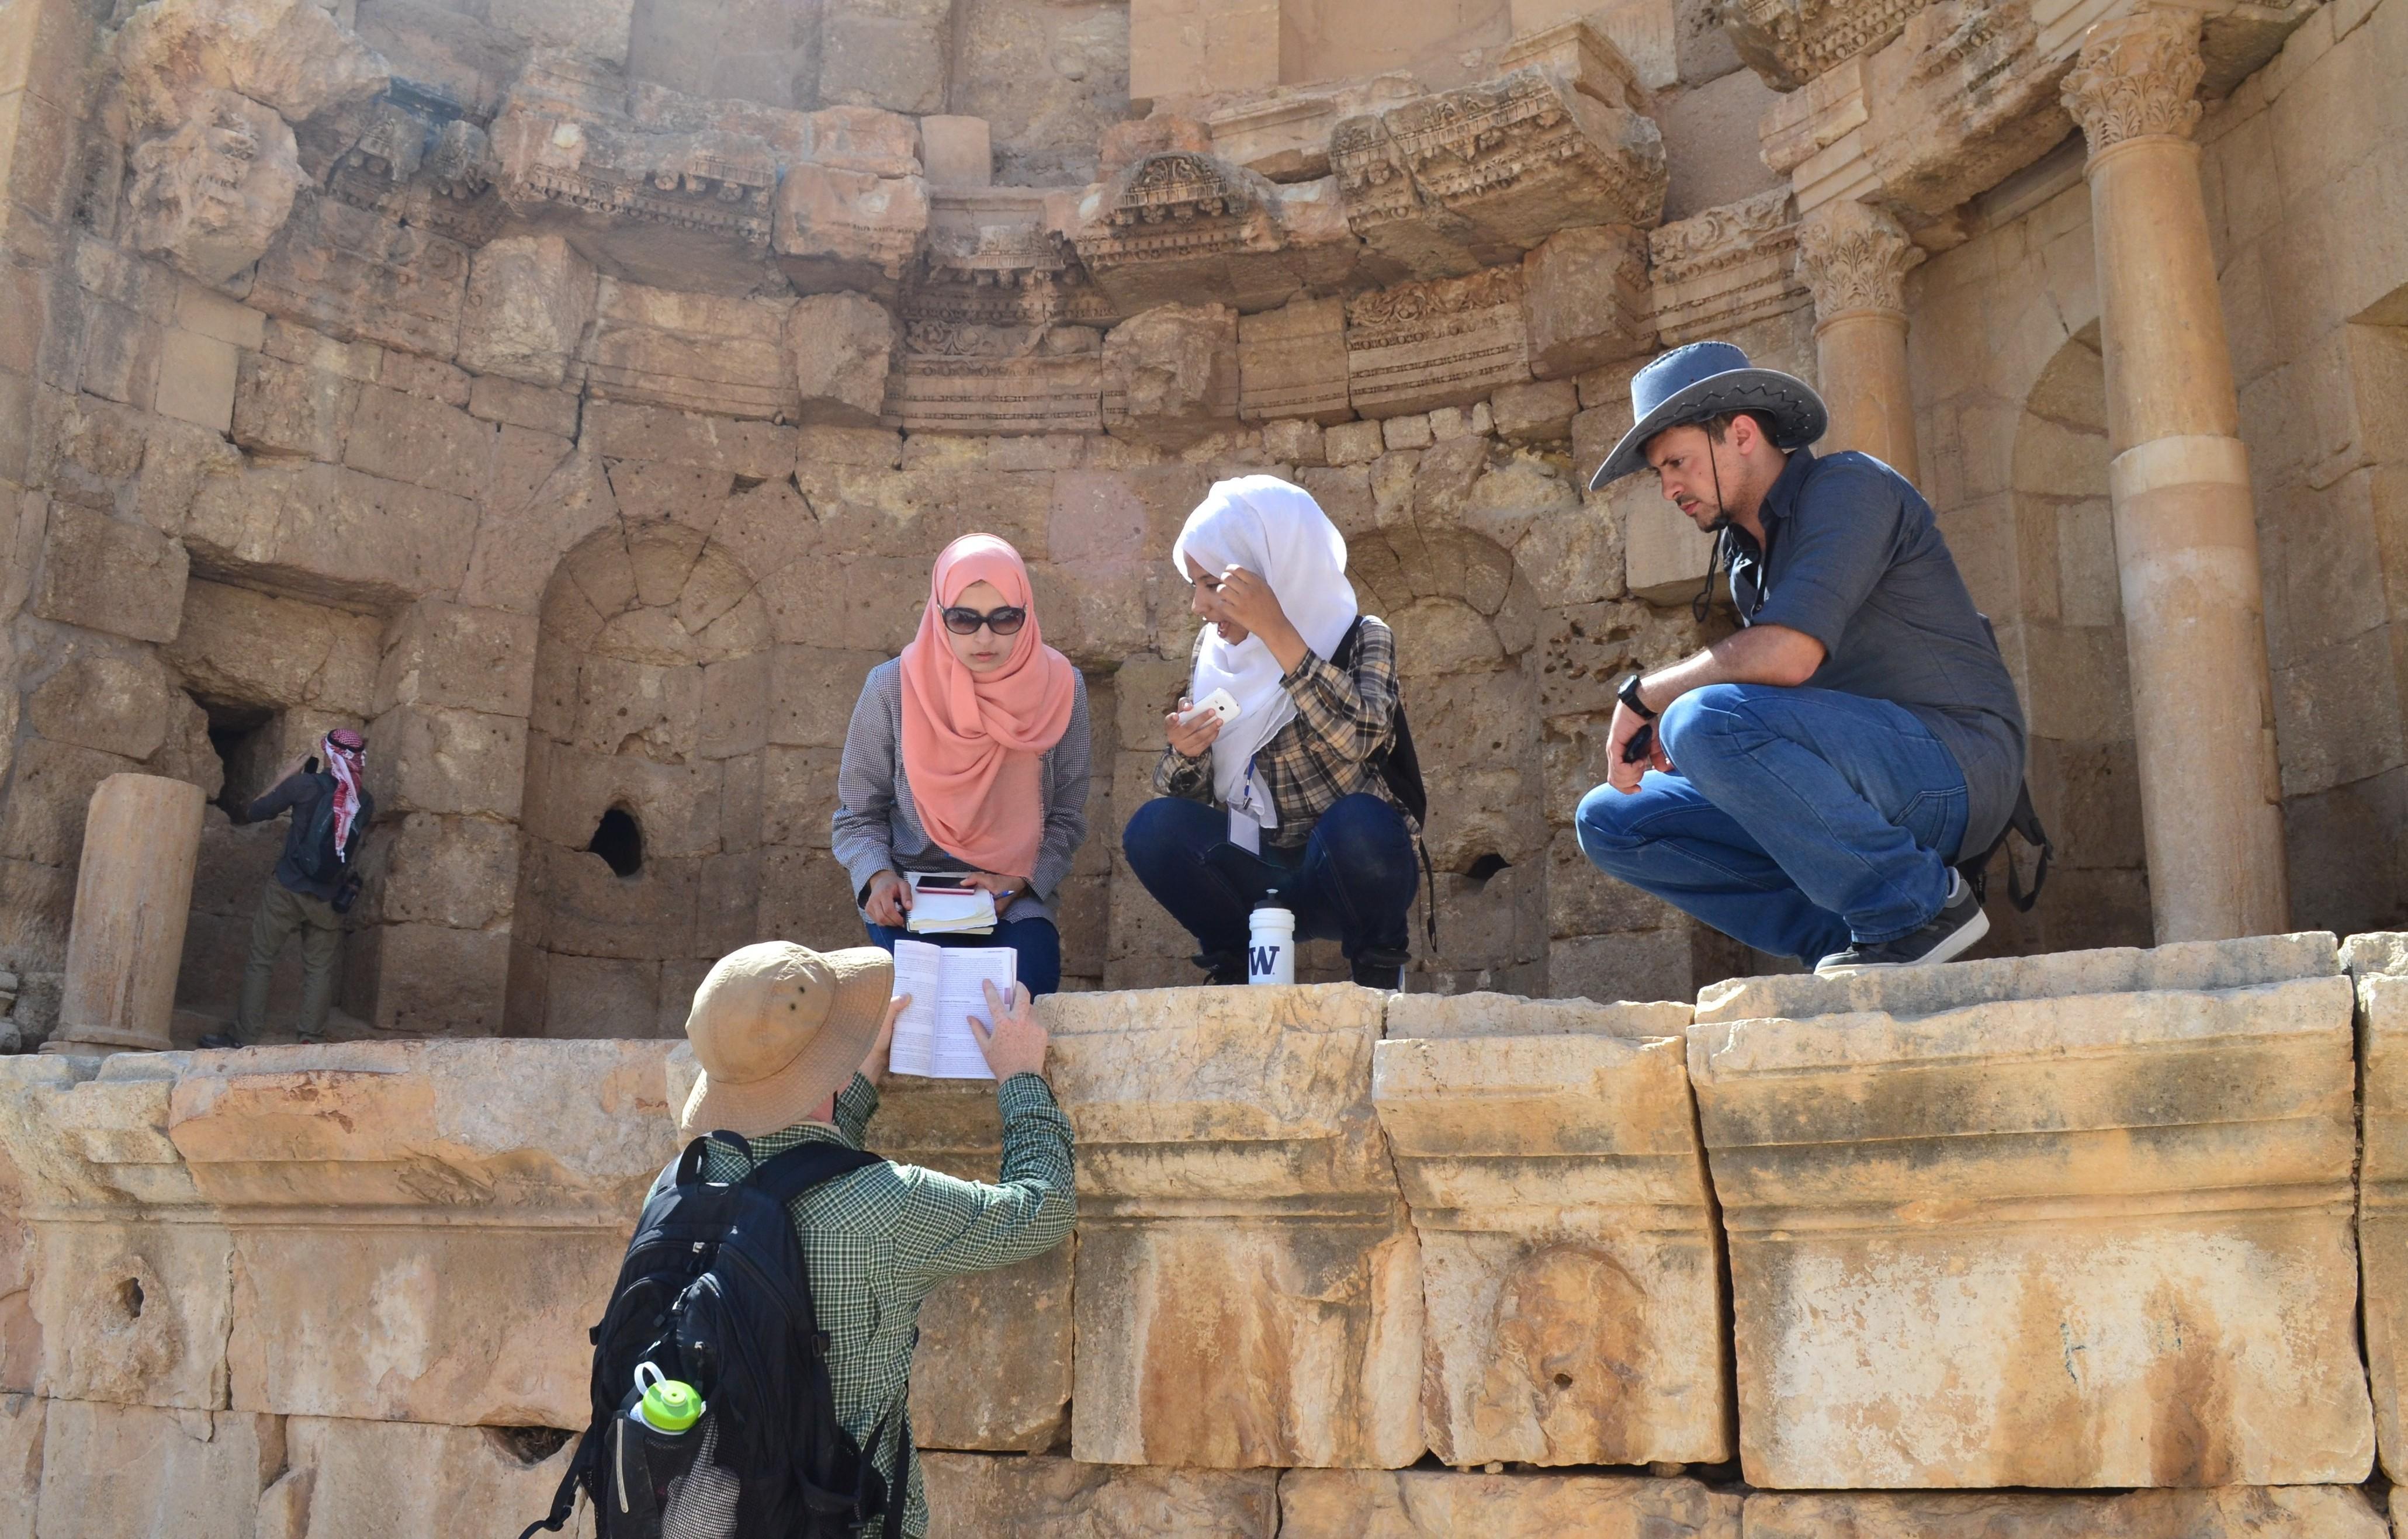 Engineering students in Jordan